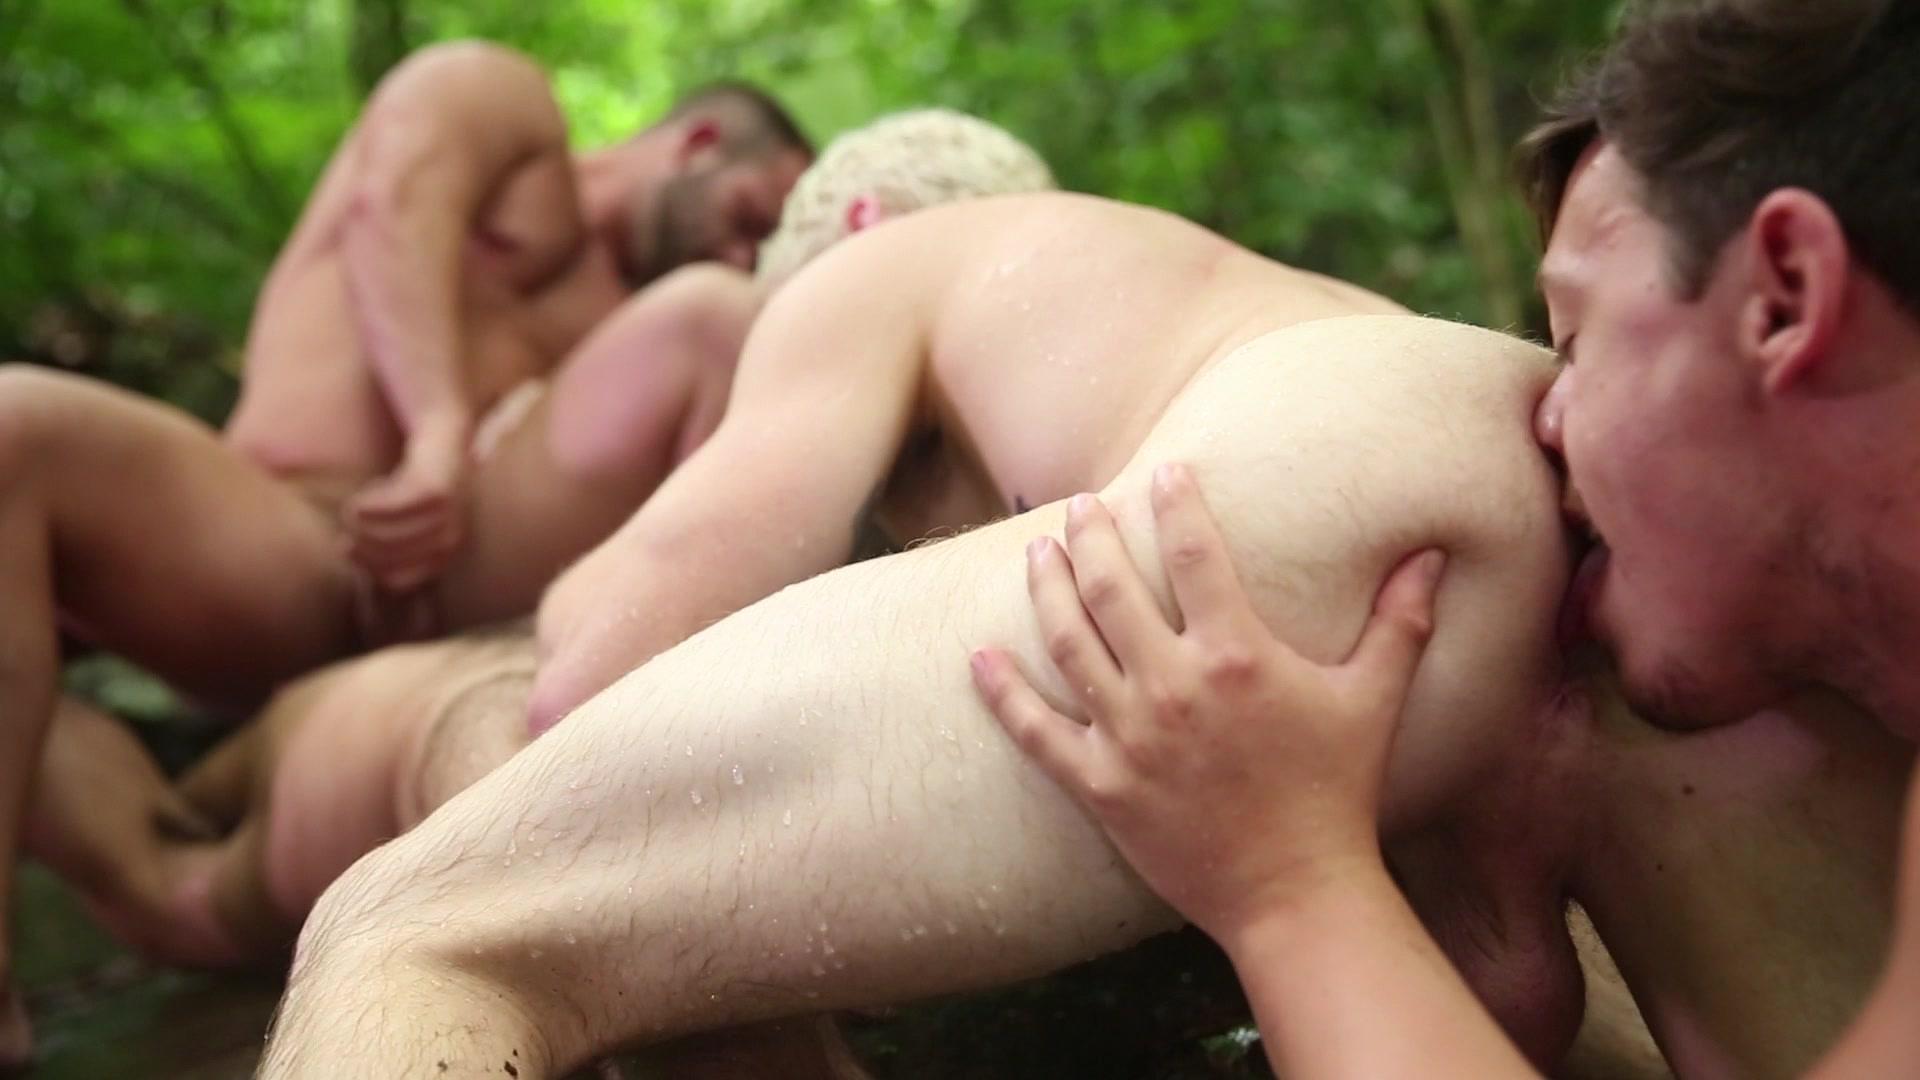 Gay Porn Parody Video